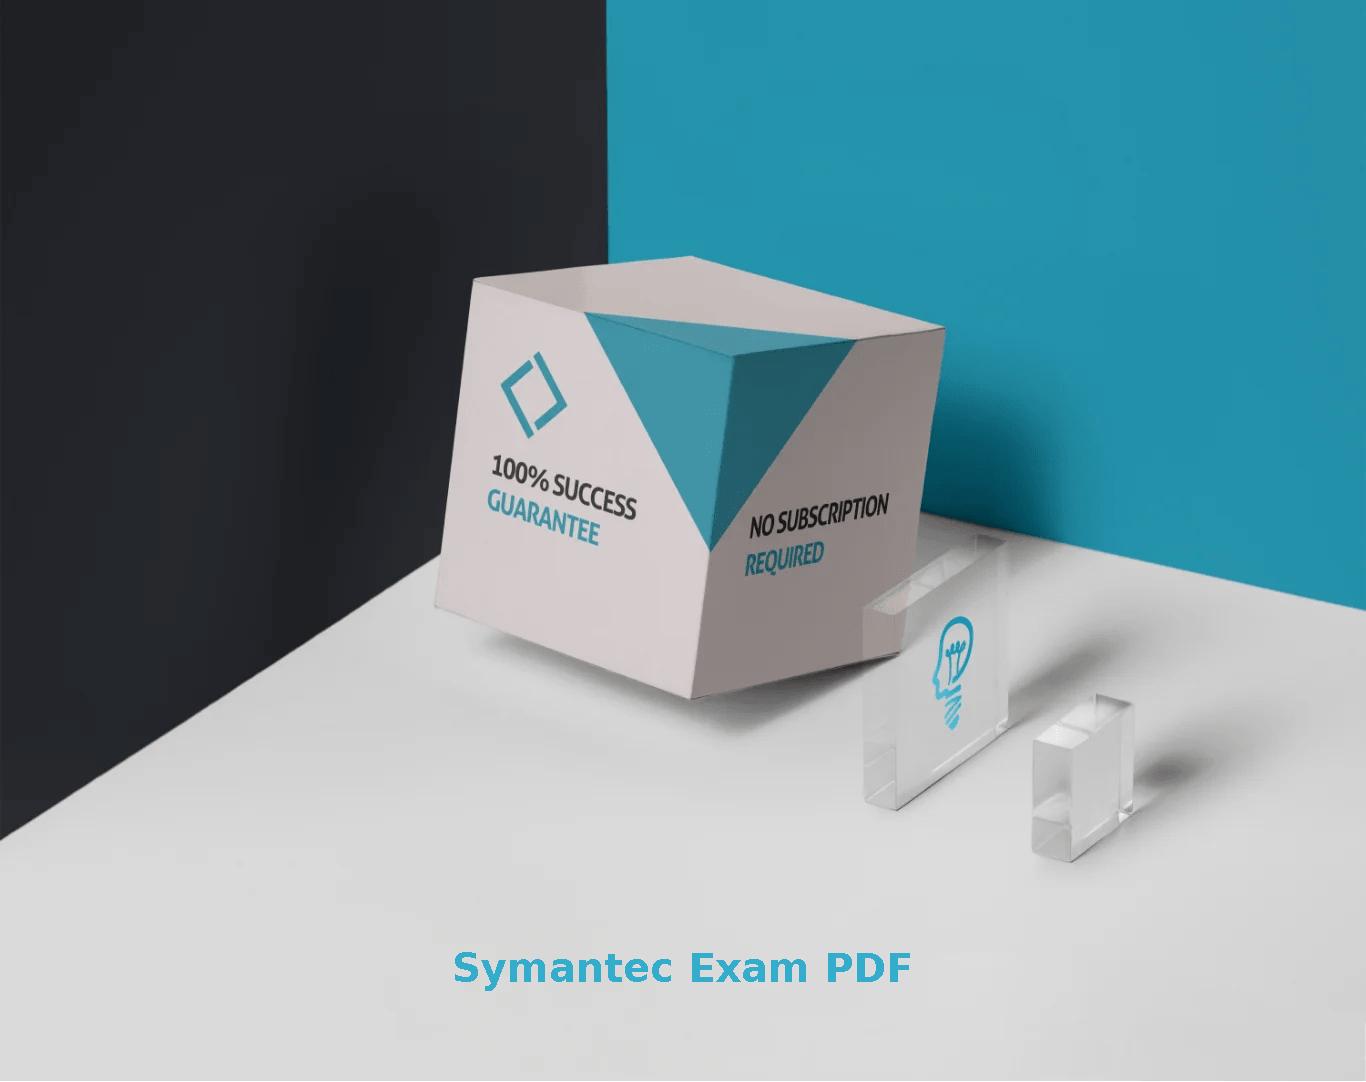 Symantec Exam PDF